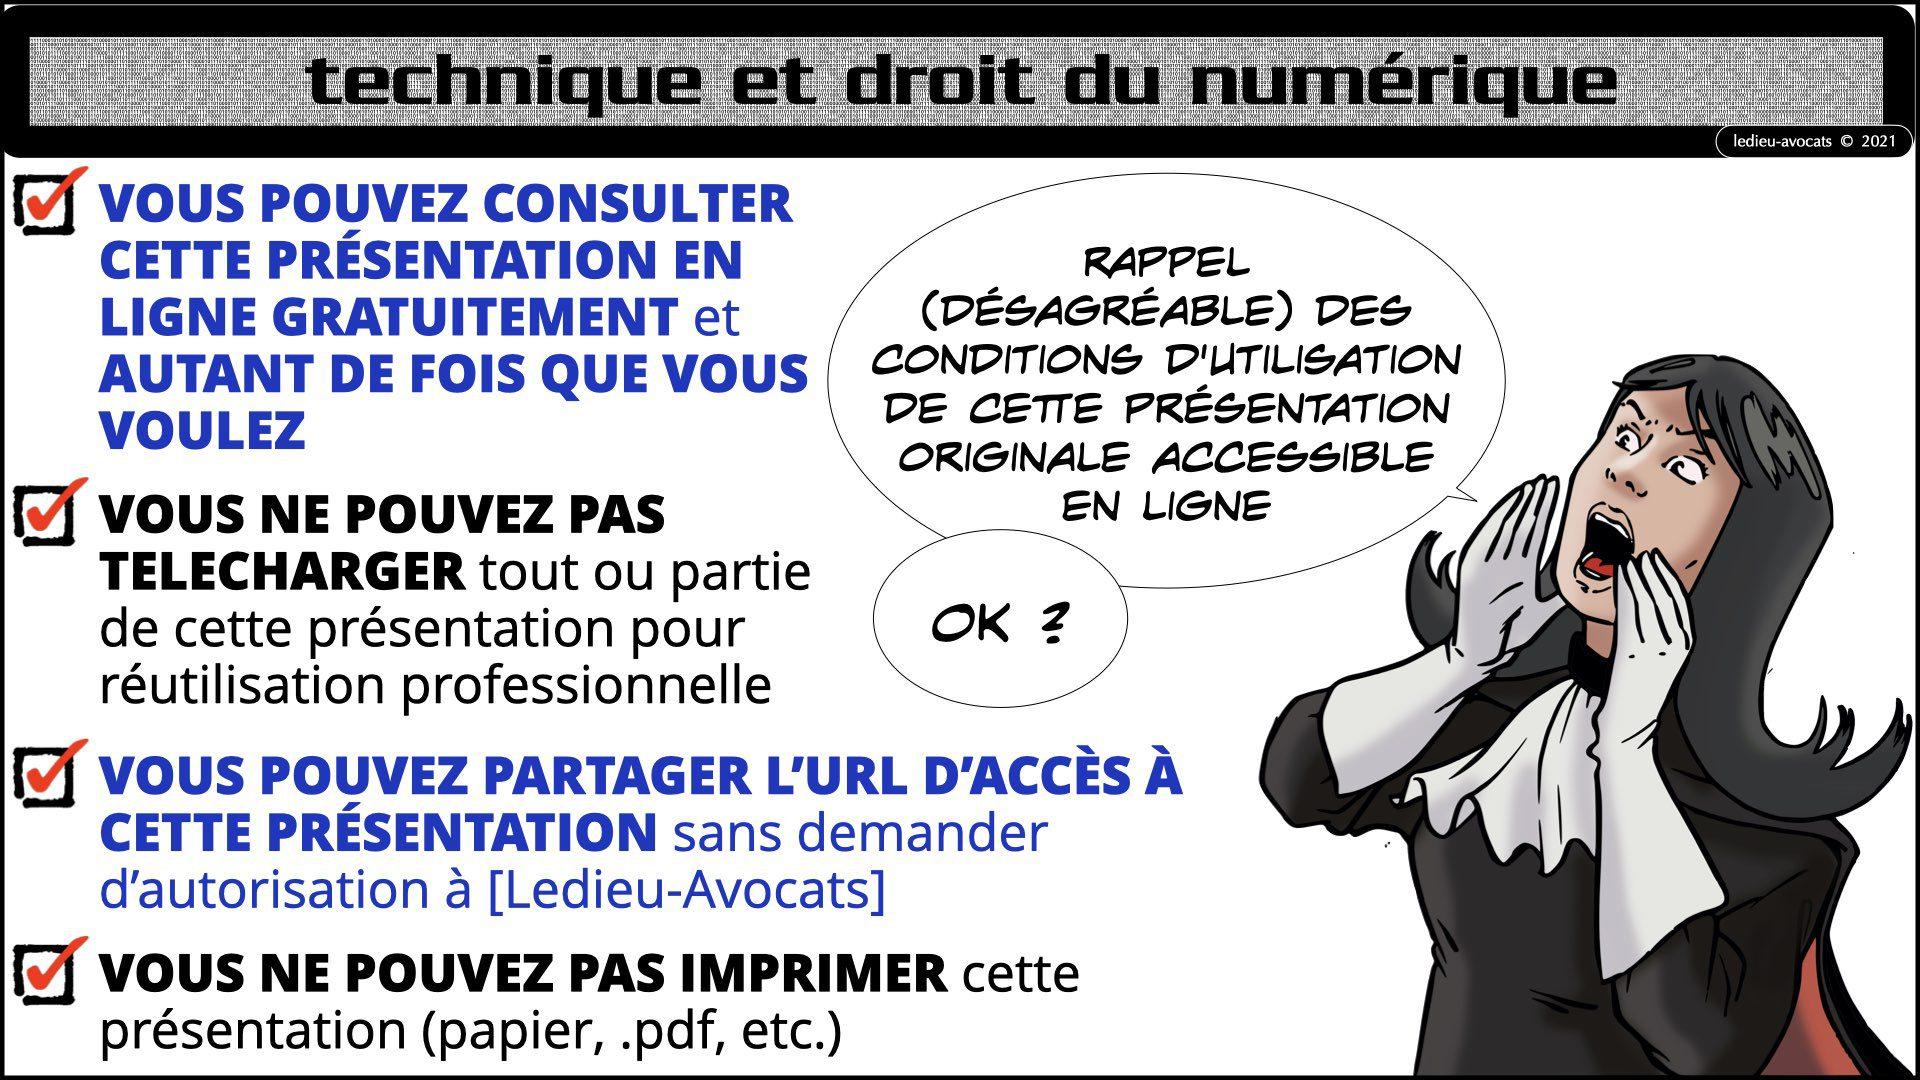 #346 zOOm X'UP SECRET d'affaire confidentialité non disclosure NDA © Ledieu Avocats technique droit numerique BLOG en BD 12-09-2021.007